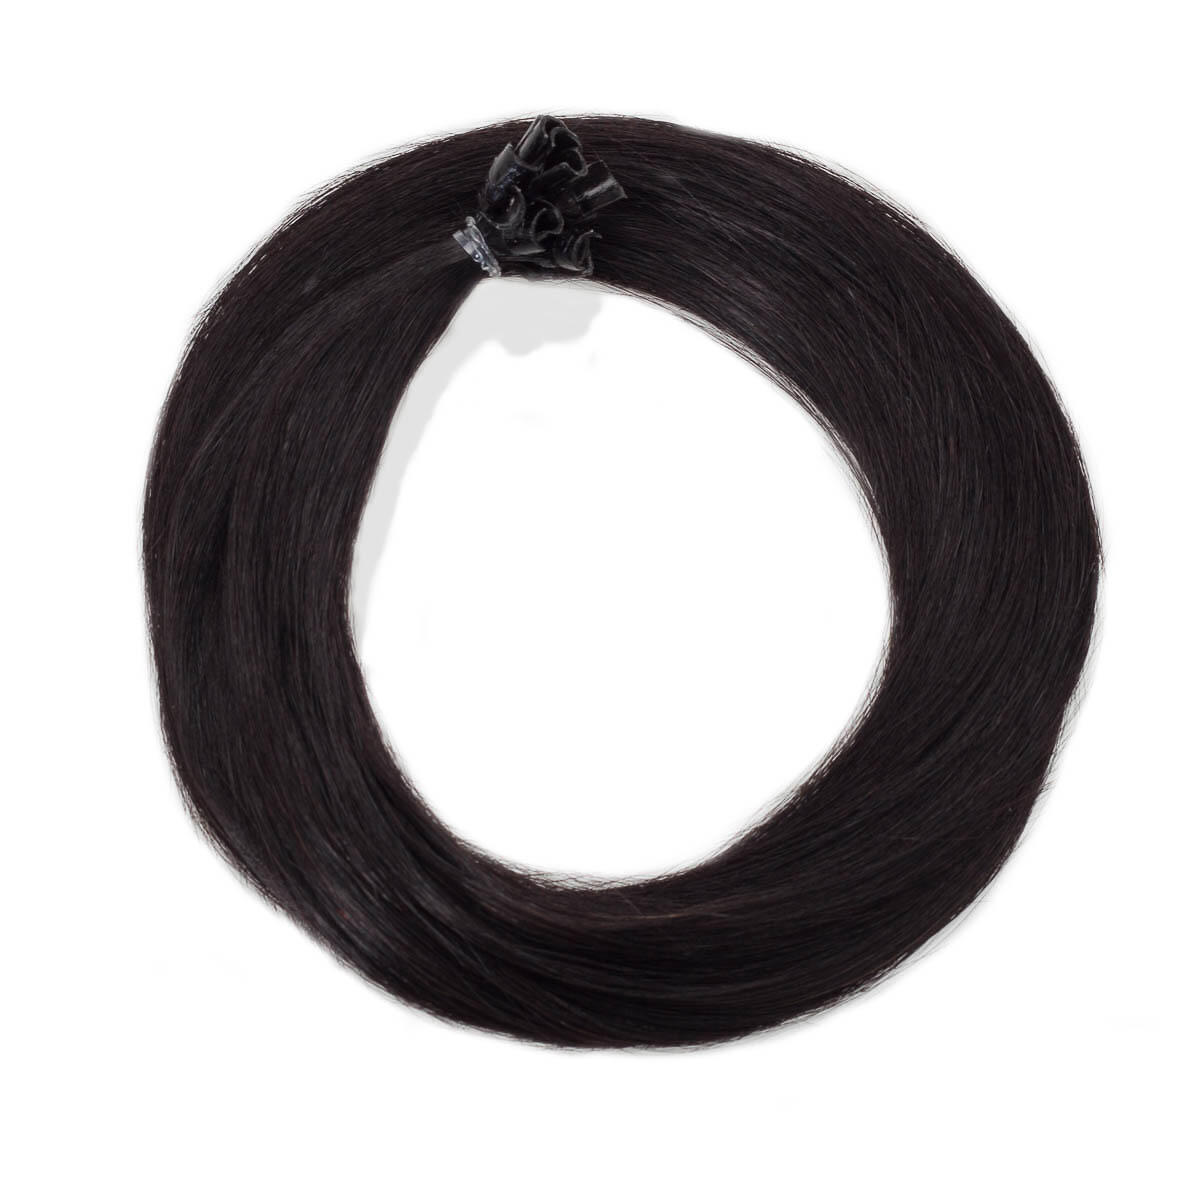 Nail Hair Premium 1.2 Black Brown 40 cm